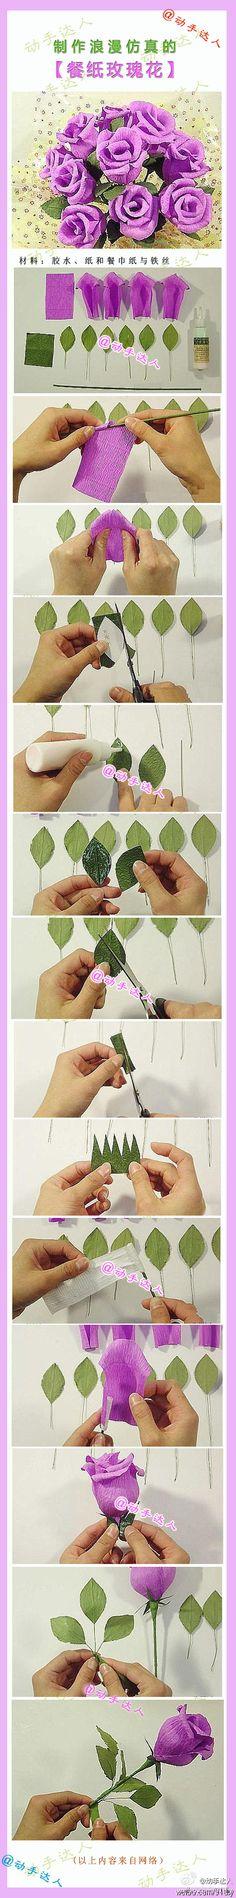 Handmade DIY accessories Coldplay tide things handmade roses